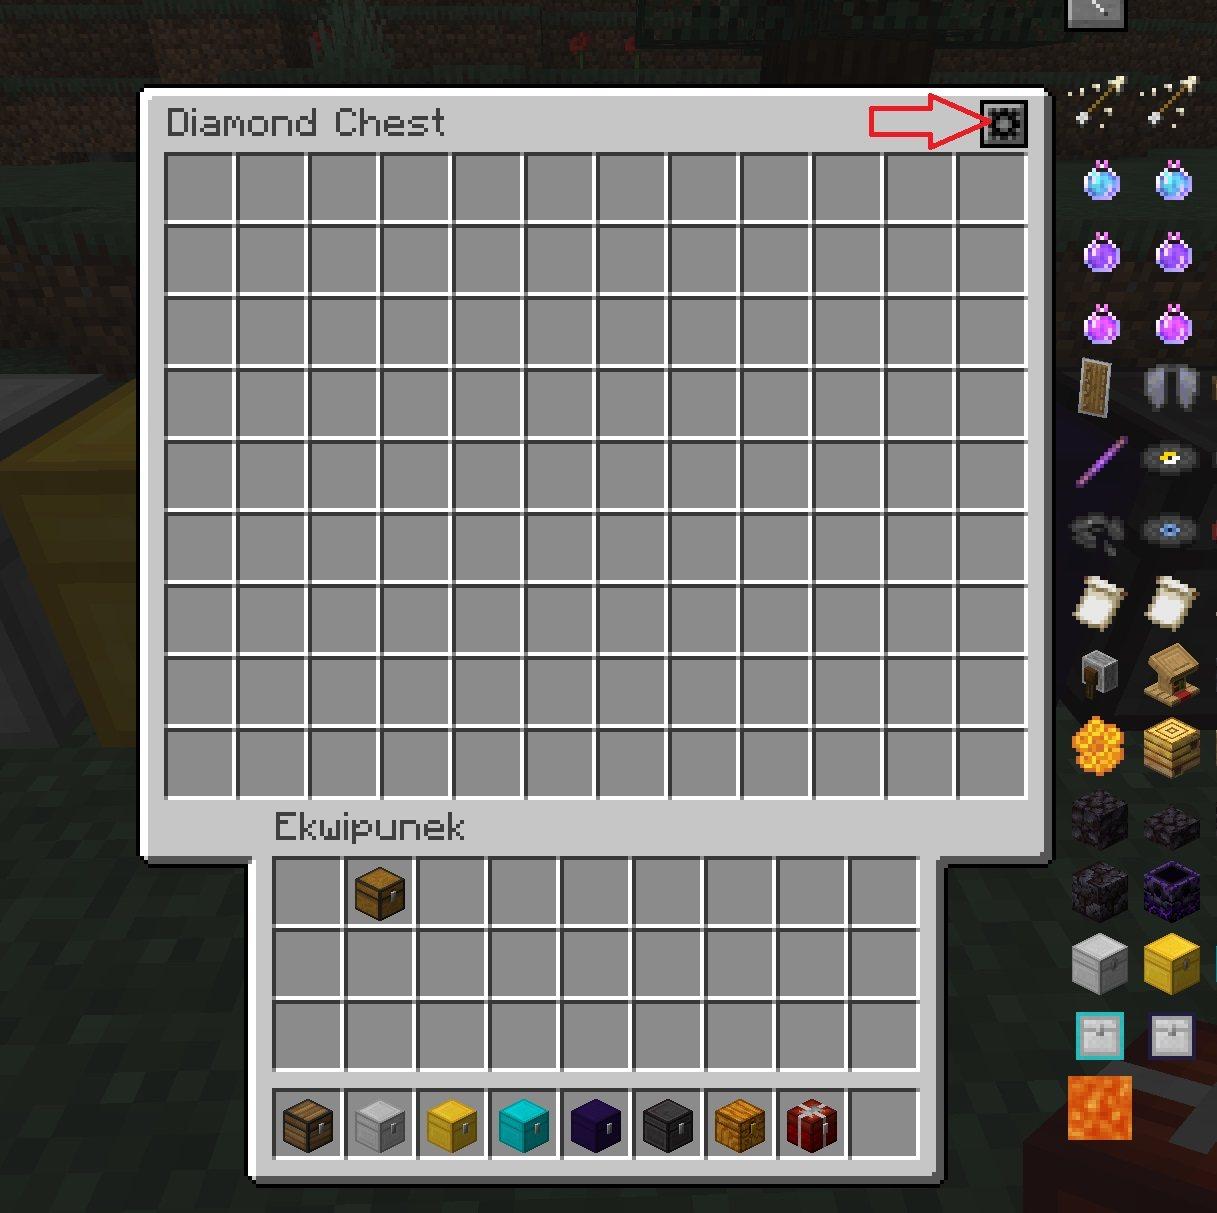 expanded storage zmiana okna GUI skrzyni 3 rodzaje